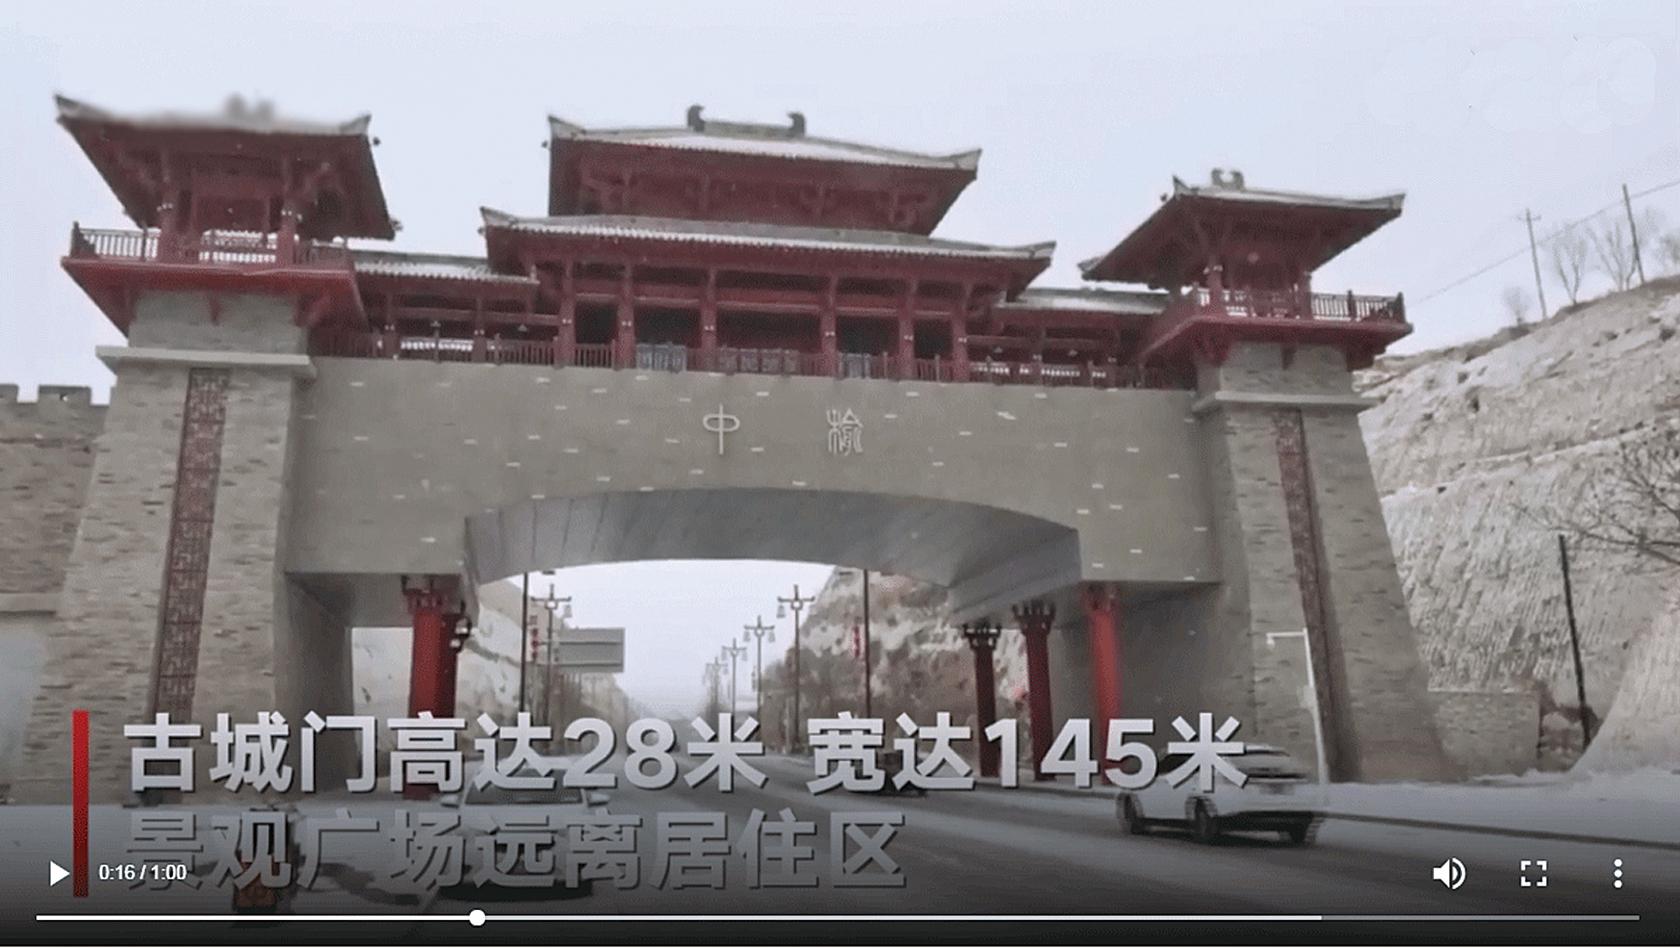 甘肅貧困縣榆中舉債建的兩座高達28米、寬達145米的秦漢仿古城門之一。(影片截圖)